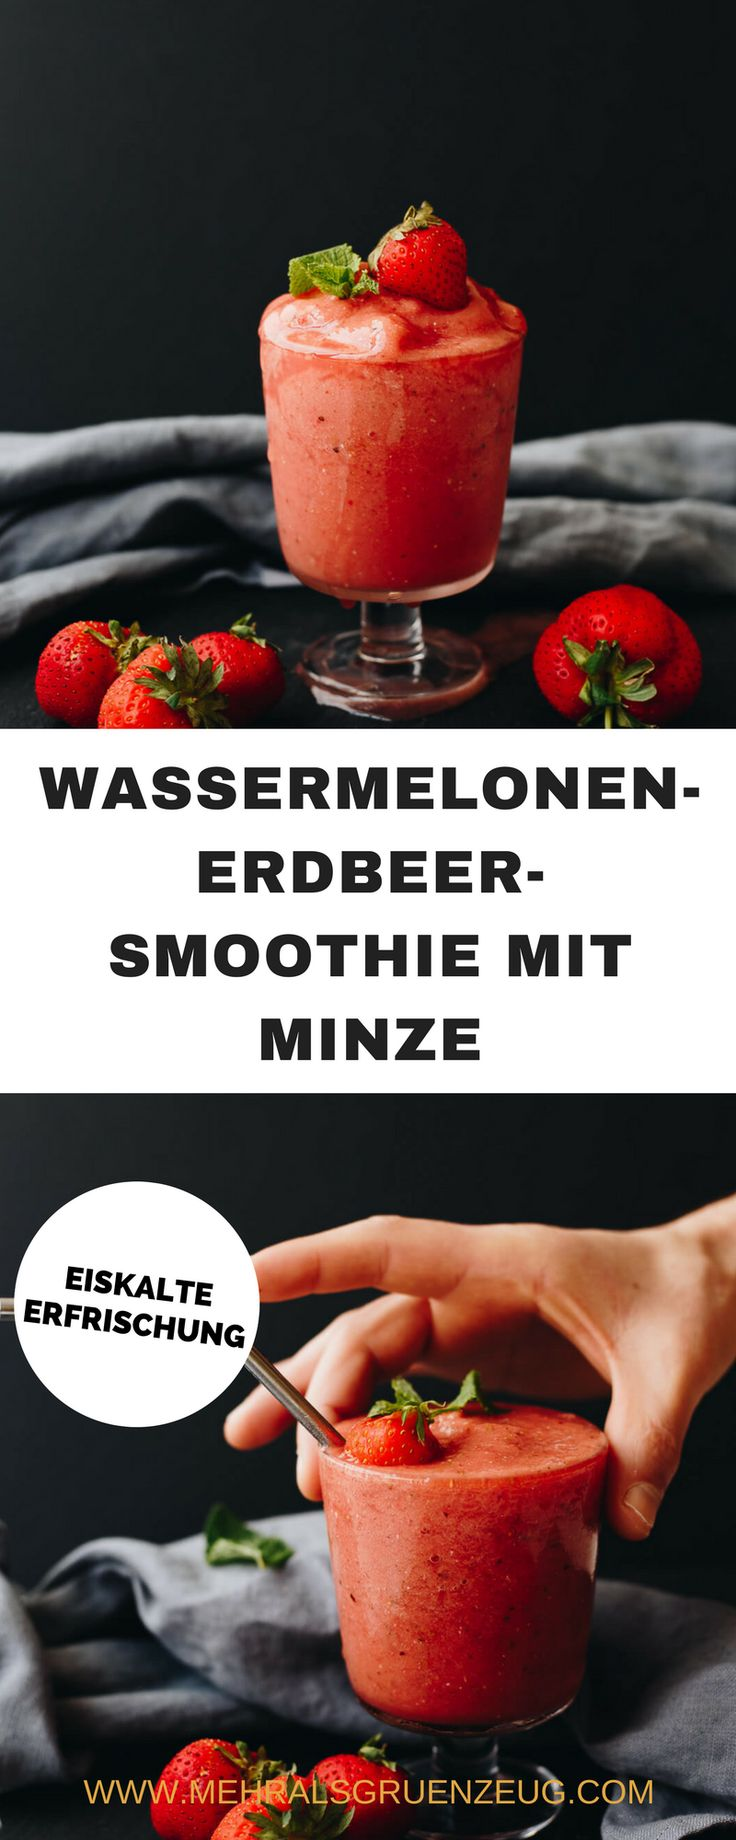 Eiskalter Wassermelonen-Erdbeer-Smoothie mit Minze - die ideale Erfrischung für heiße Tage. Wahlweise auch als Sorbet zu genießen. Vegan, schnell gemacht und einfach großartig lecker!